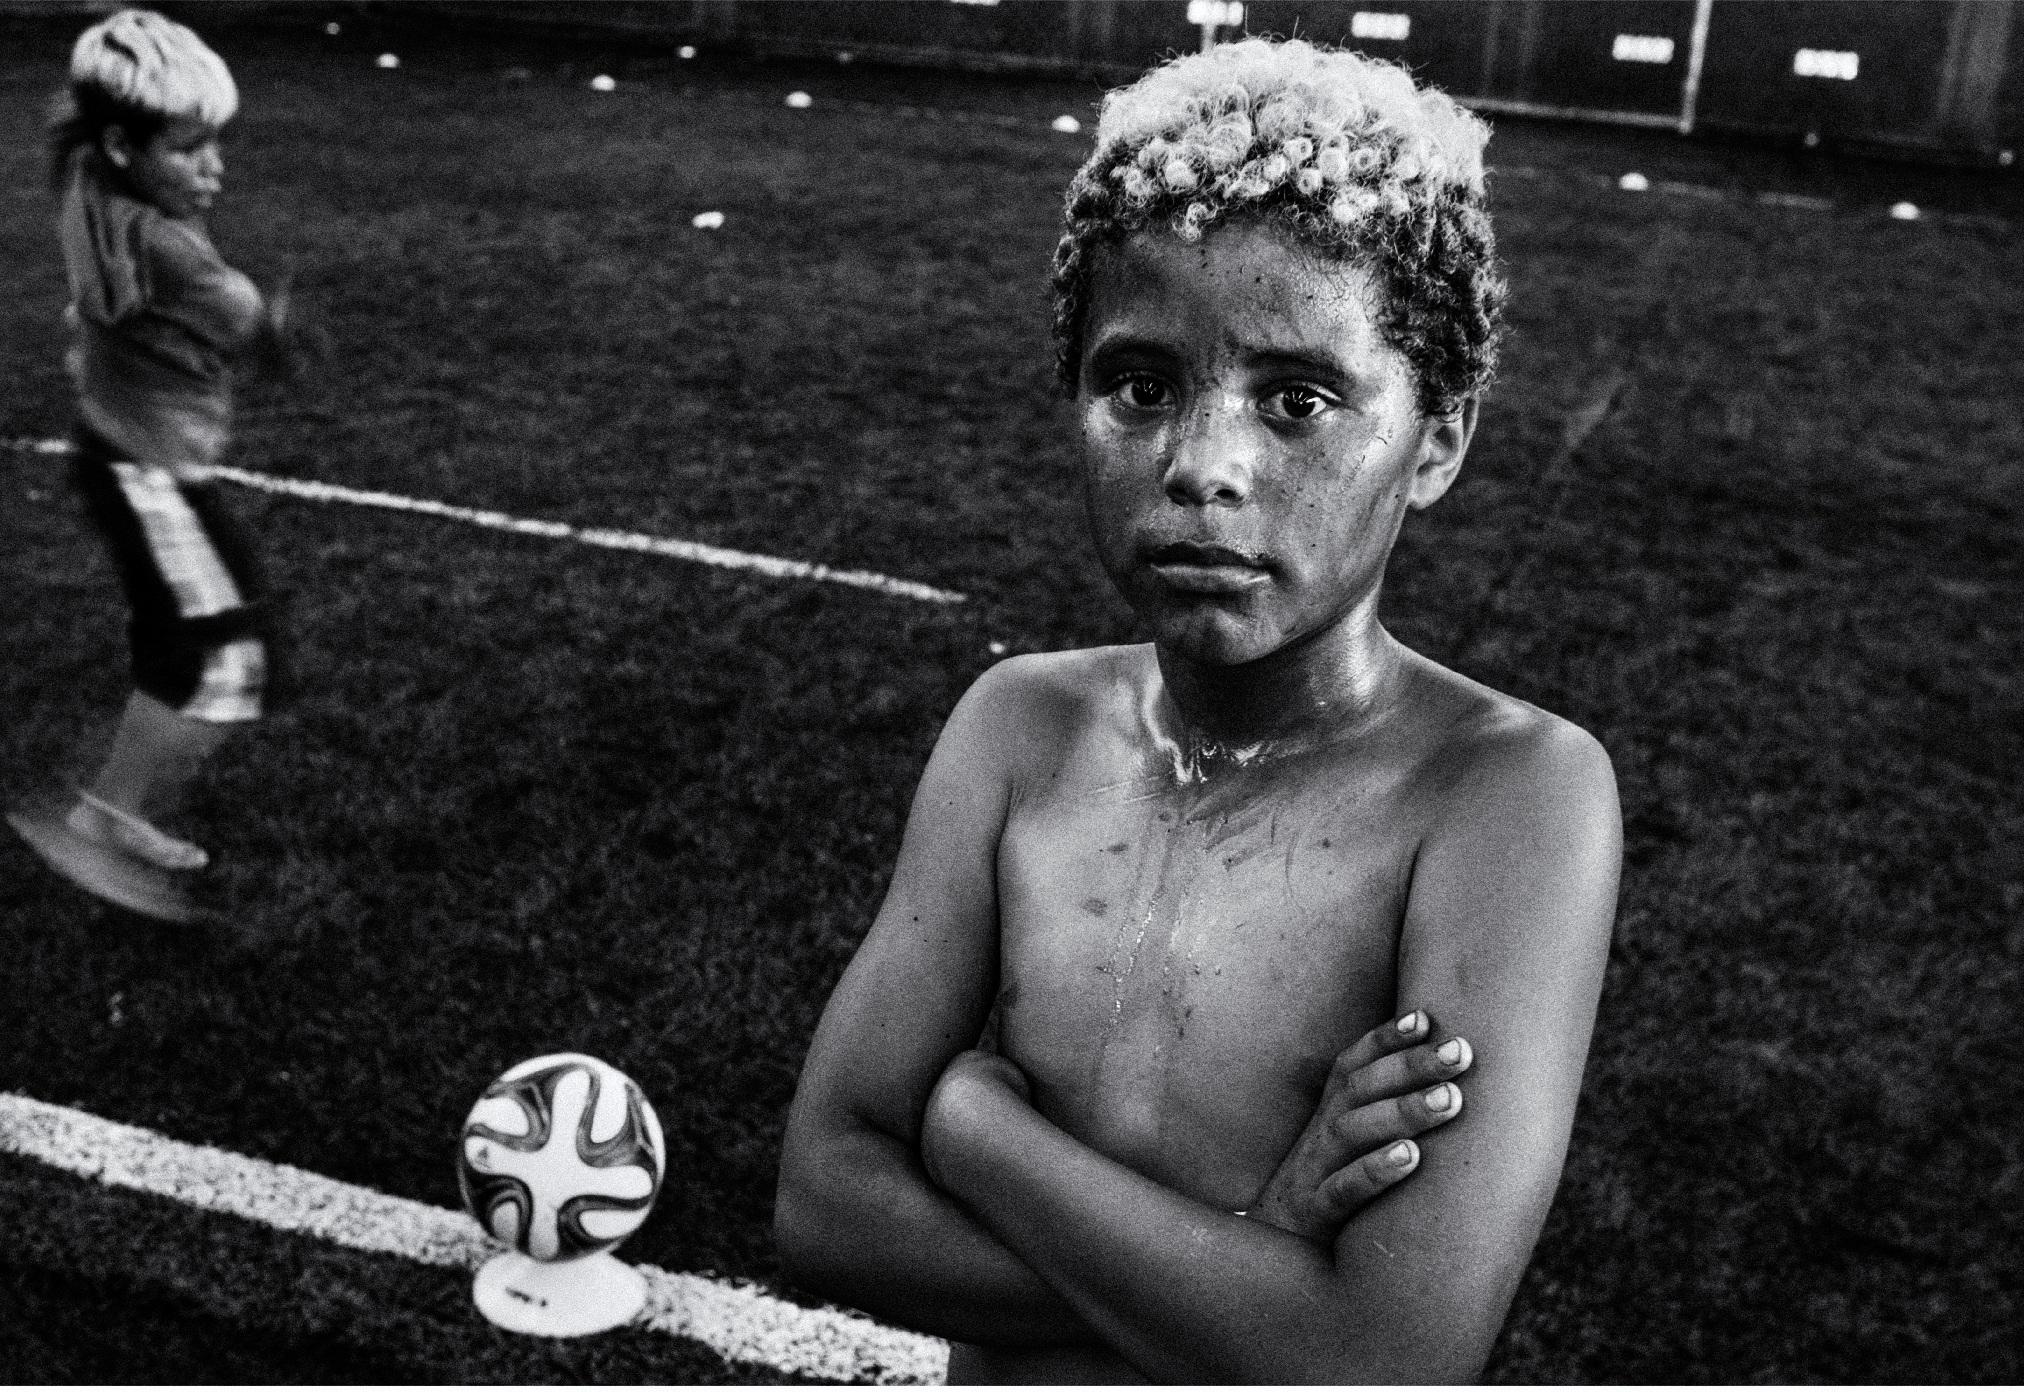 Exposição fotográfica revela realidade de crianças de projetos sócio esportivos de Curitiba e região 1